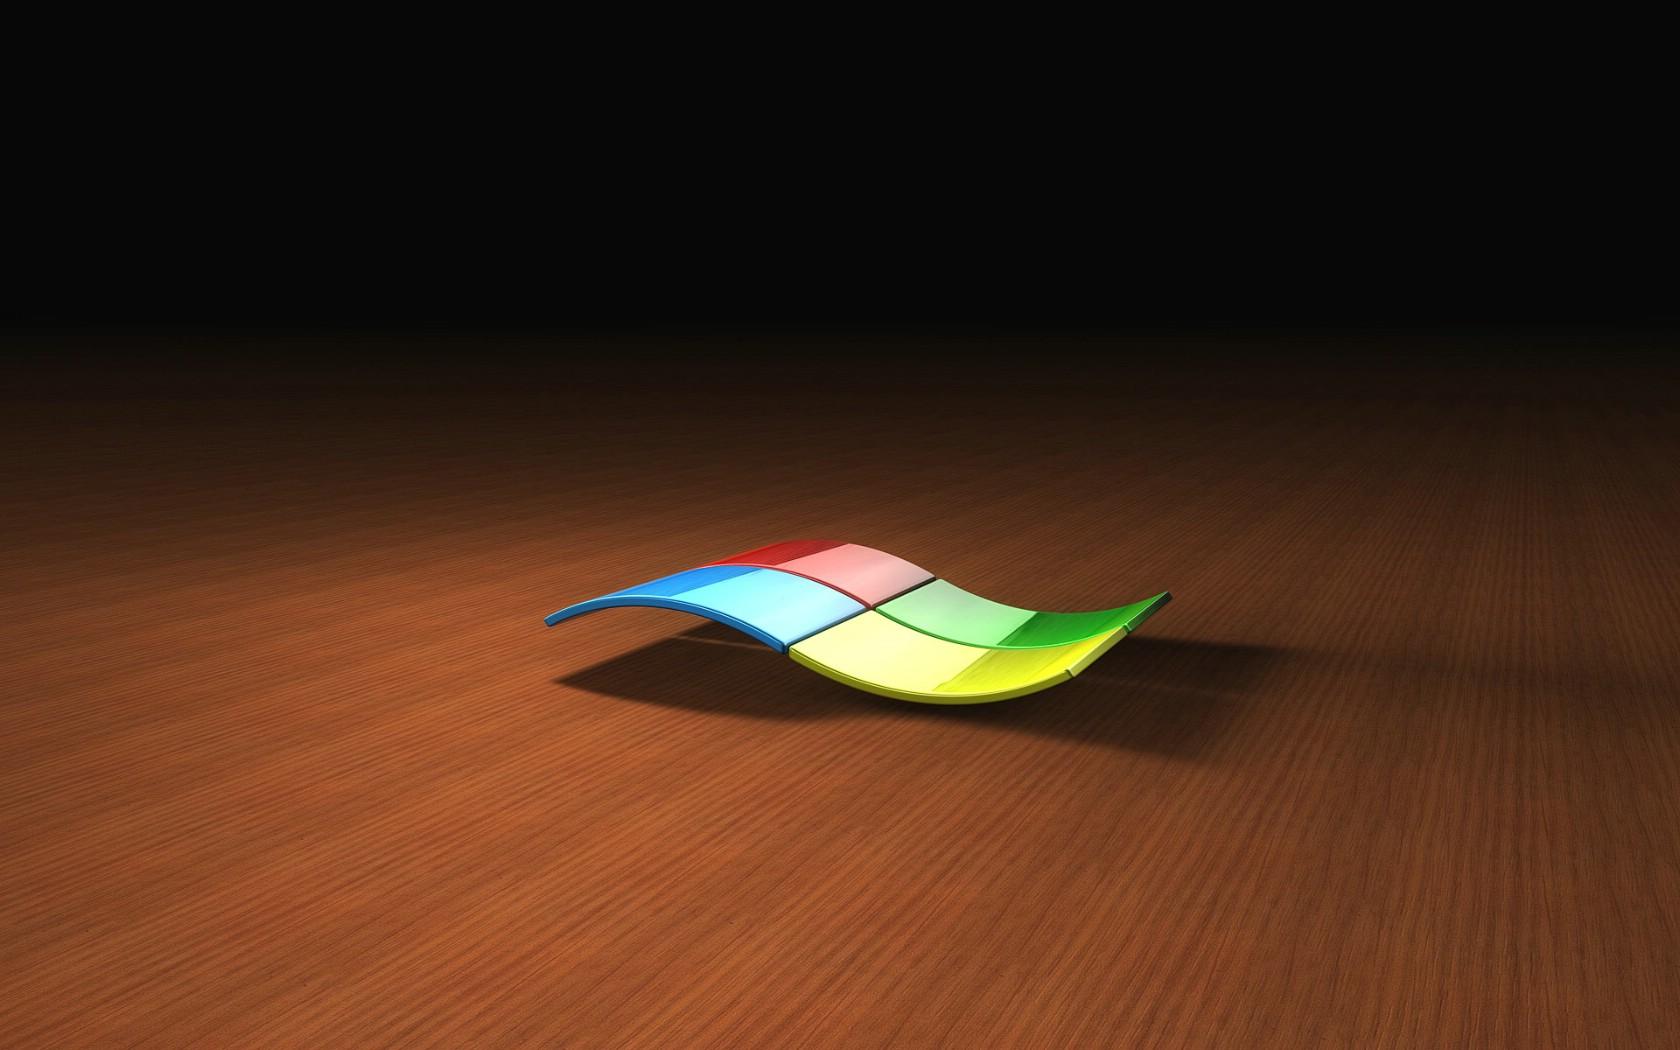 壁纸1680×1050windows7梦幻桌面下载壁纸 windows7梦幻桌面下载壁纸图片精选壁纸精选图片素材桌面壁纸